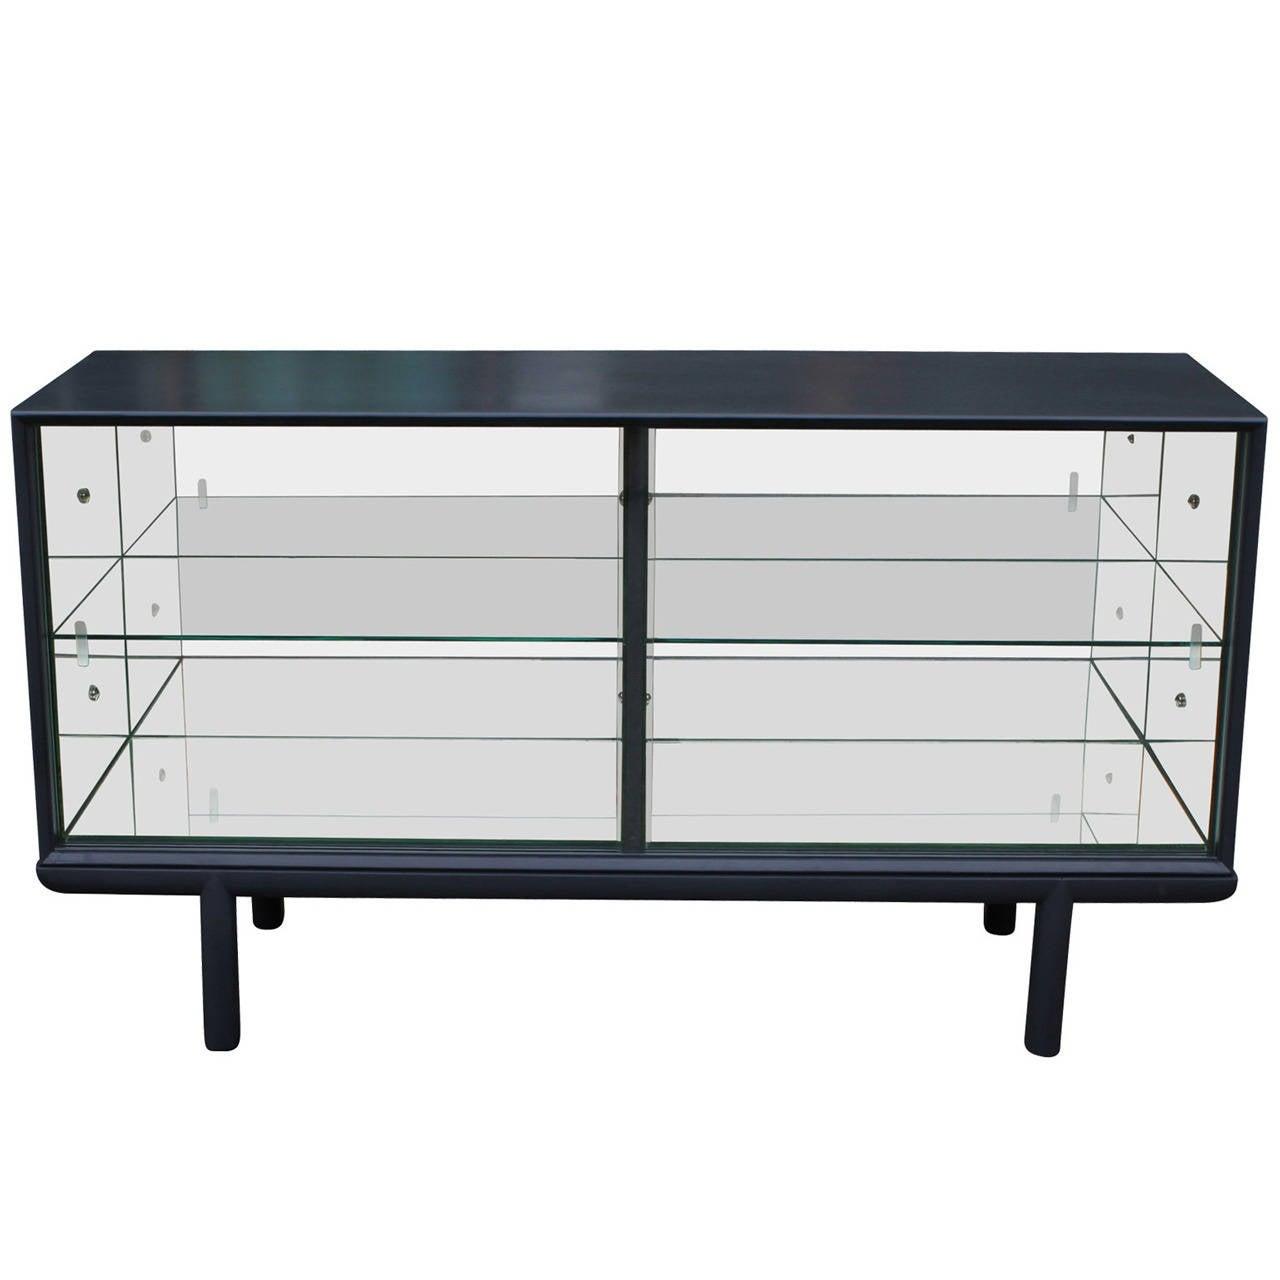 Sleek grey mirrored sideboard or display cabinet with glass sleek grey mirrored sideboard or display cabinet with glass sliding doors 1 vtopaller Gallery